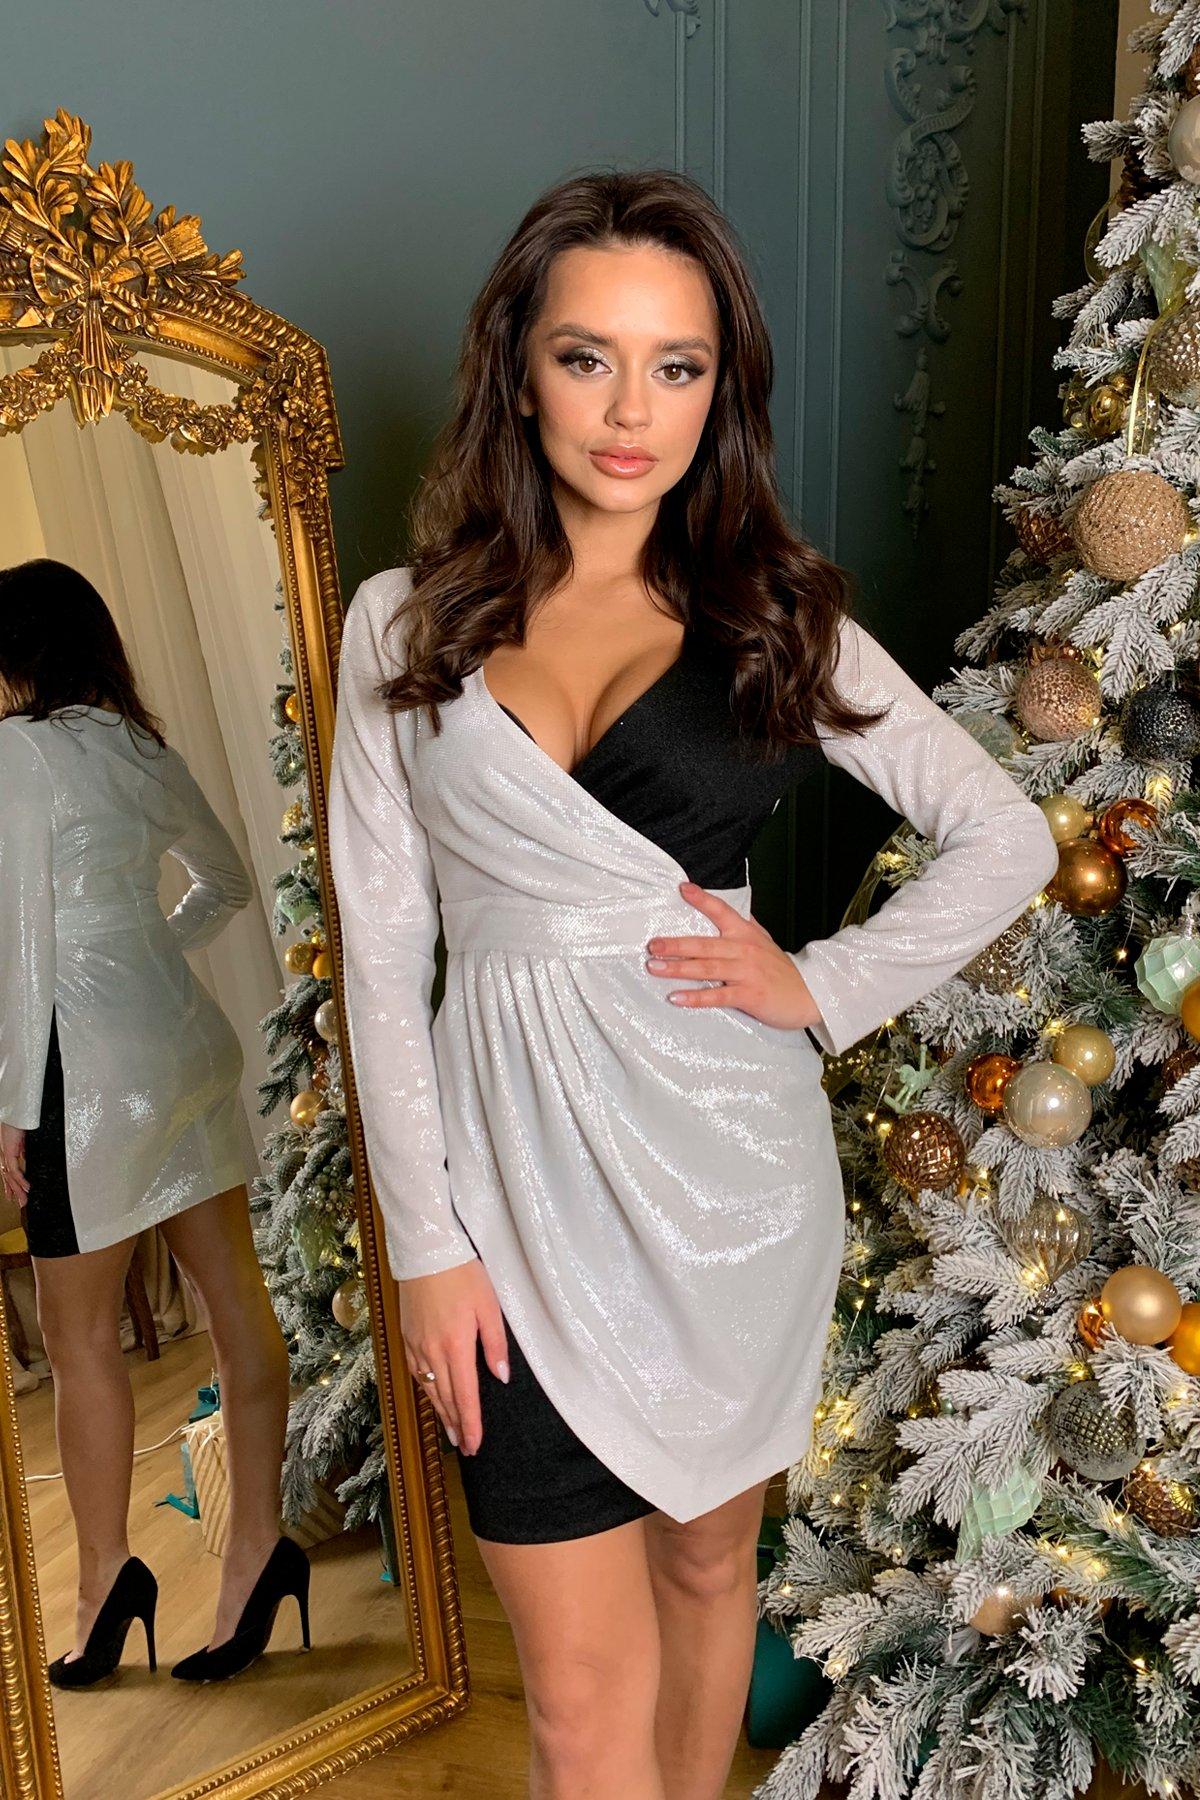 Контрастное двухцветное платье Блеск 8670 АРТ. 45001 Цвет: Серебро - фото 3, интернет магазин tm-modus.ru